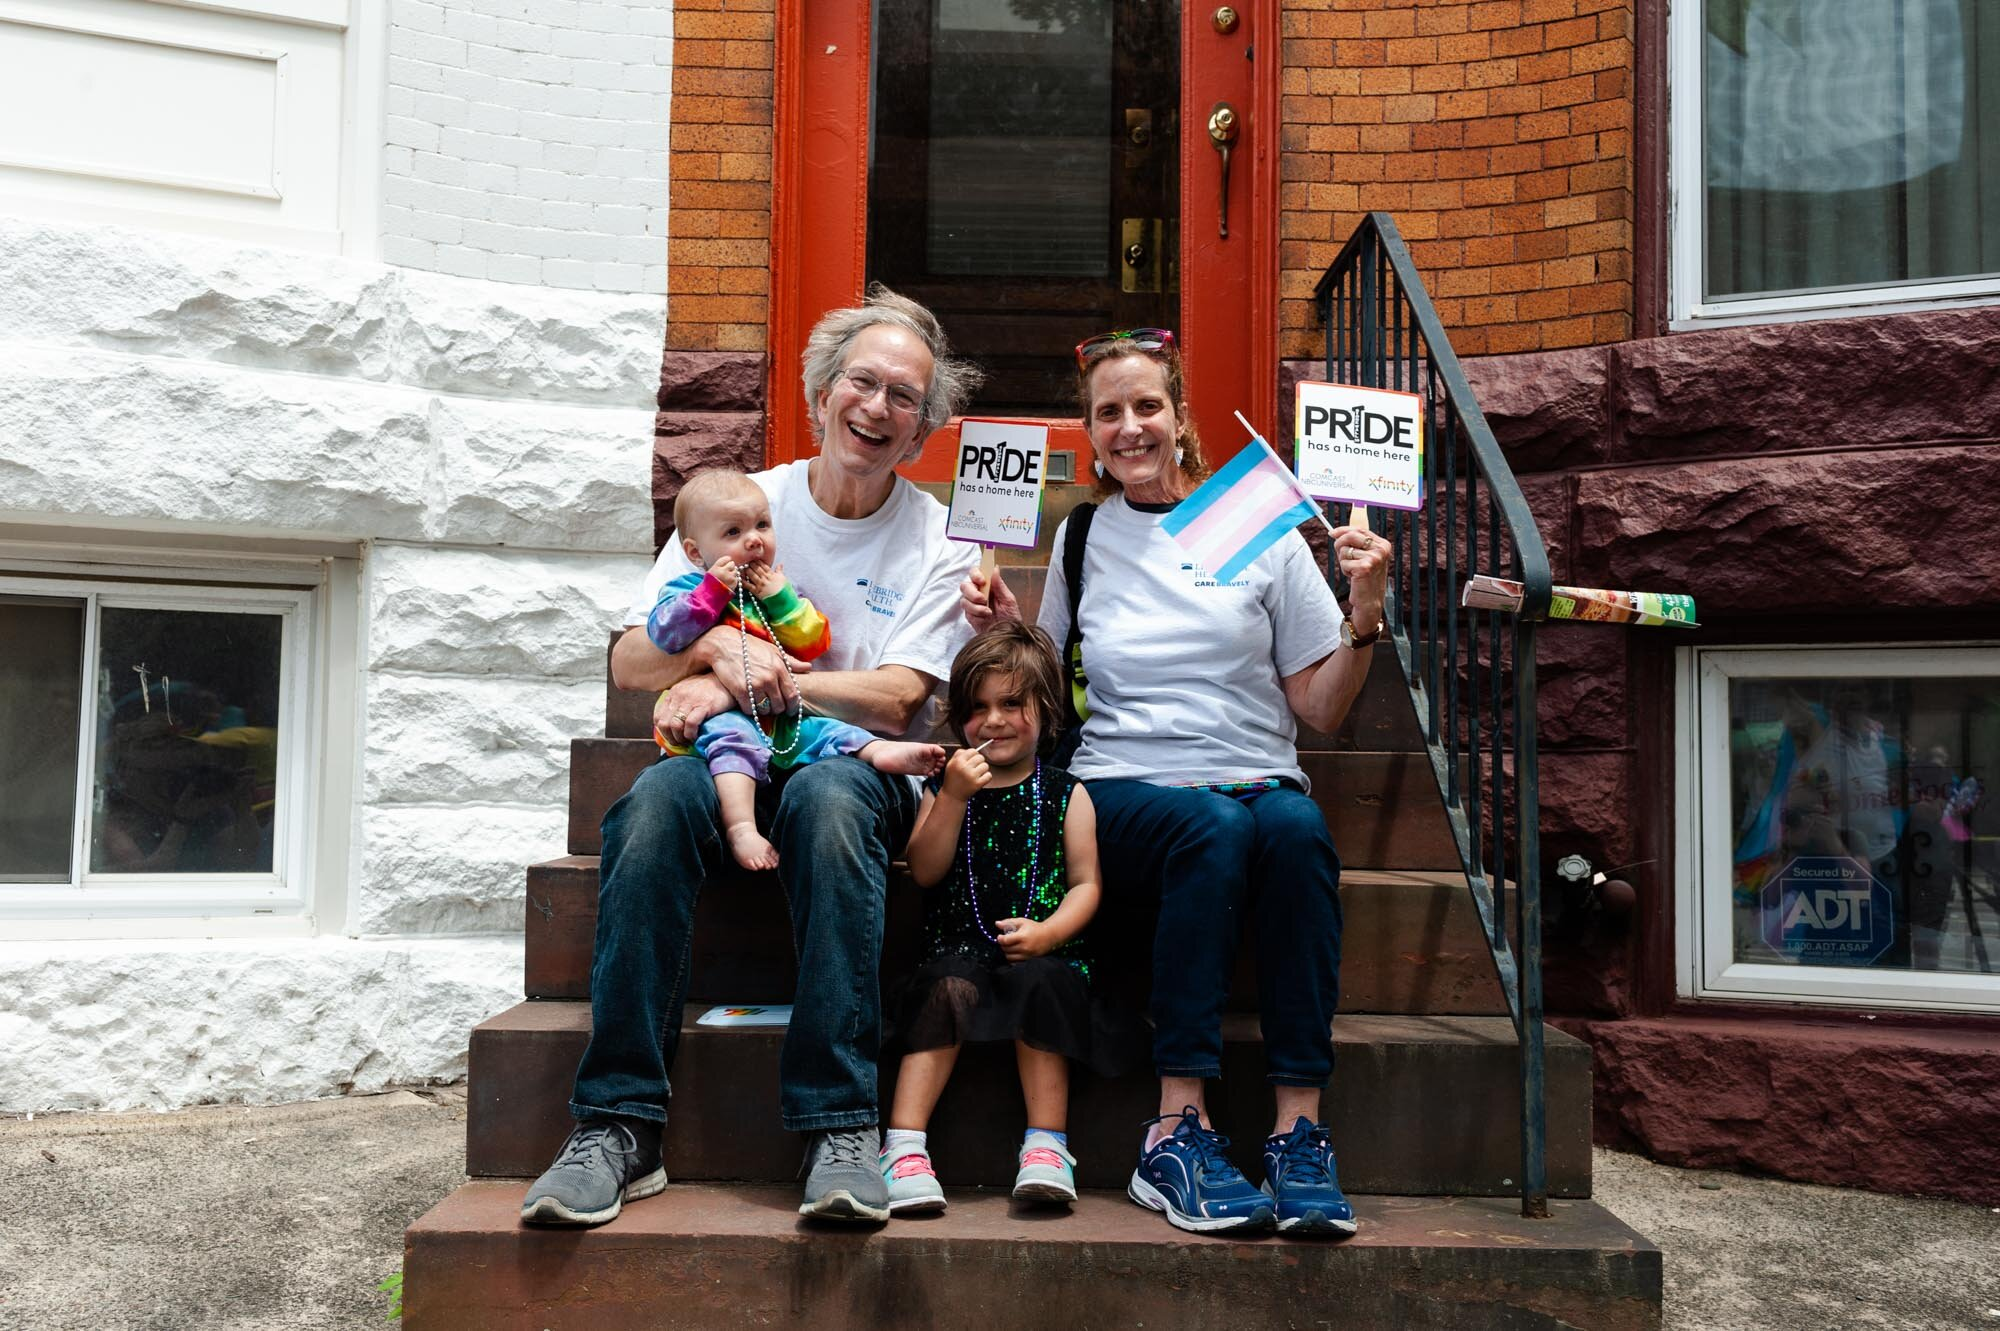 Emily Lewis Creative_Baltimore Pride Parade_2019-06-15-85.jpg